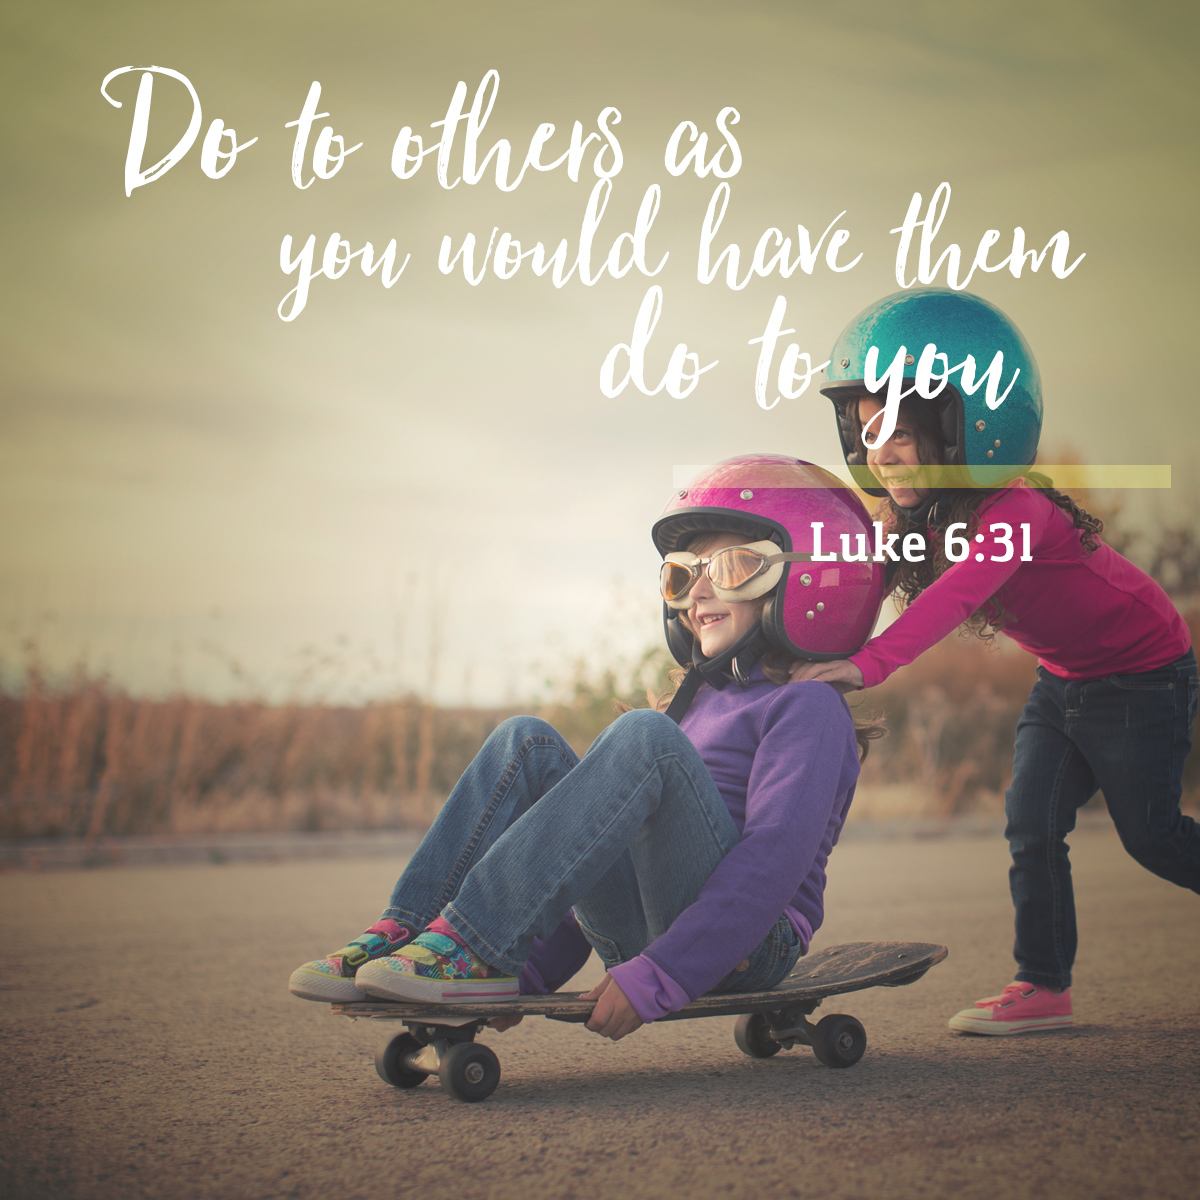 Luke 6:31